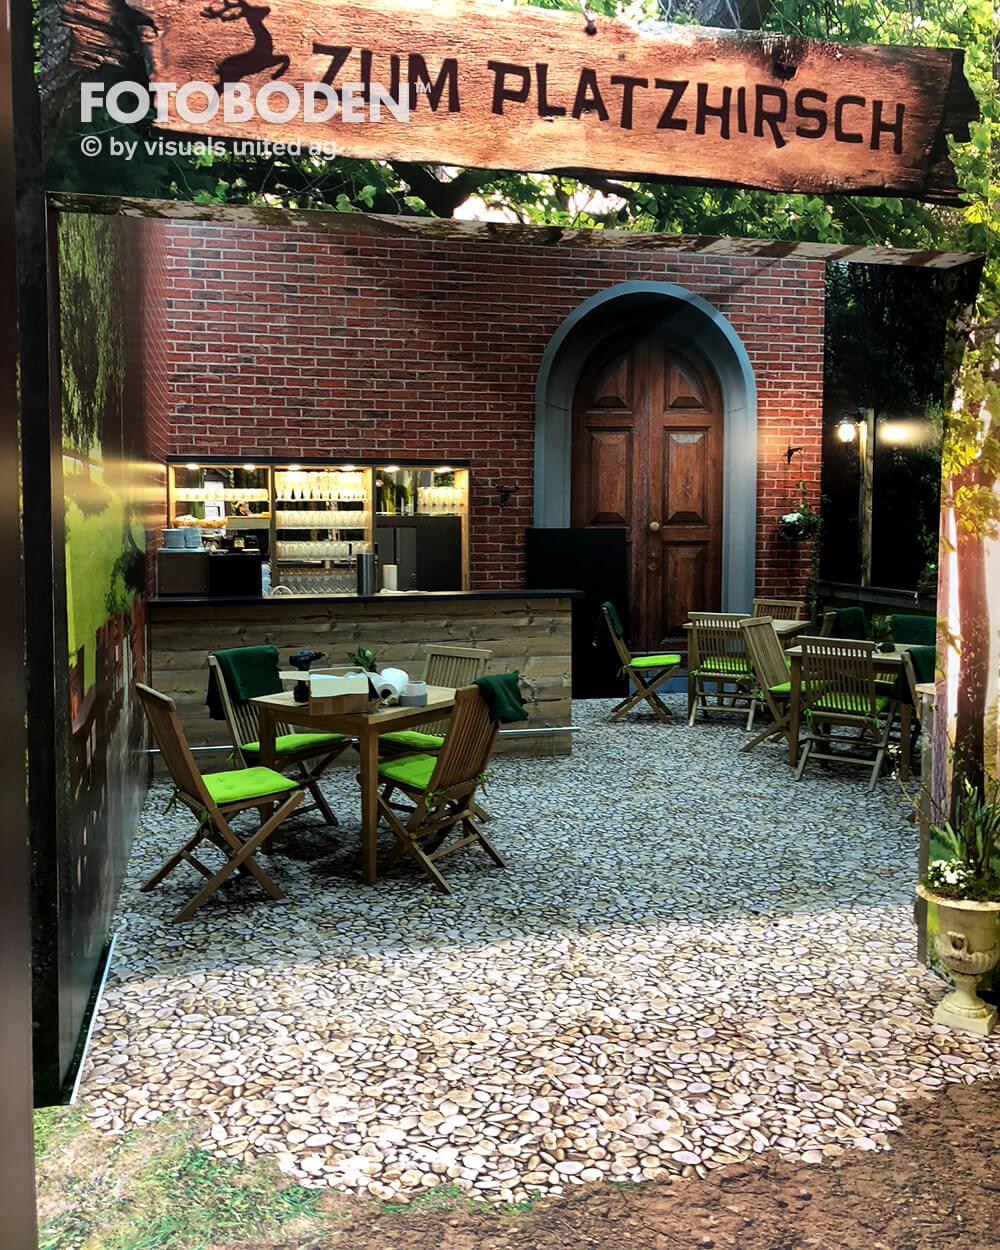 Fotoboden Siegenia Fotoboden Messeboden Tradeshow Flooring Bodengestaltung Messe Bodendesign Messedesign Design Boden Messegestaltung 4